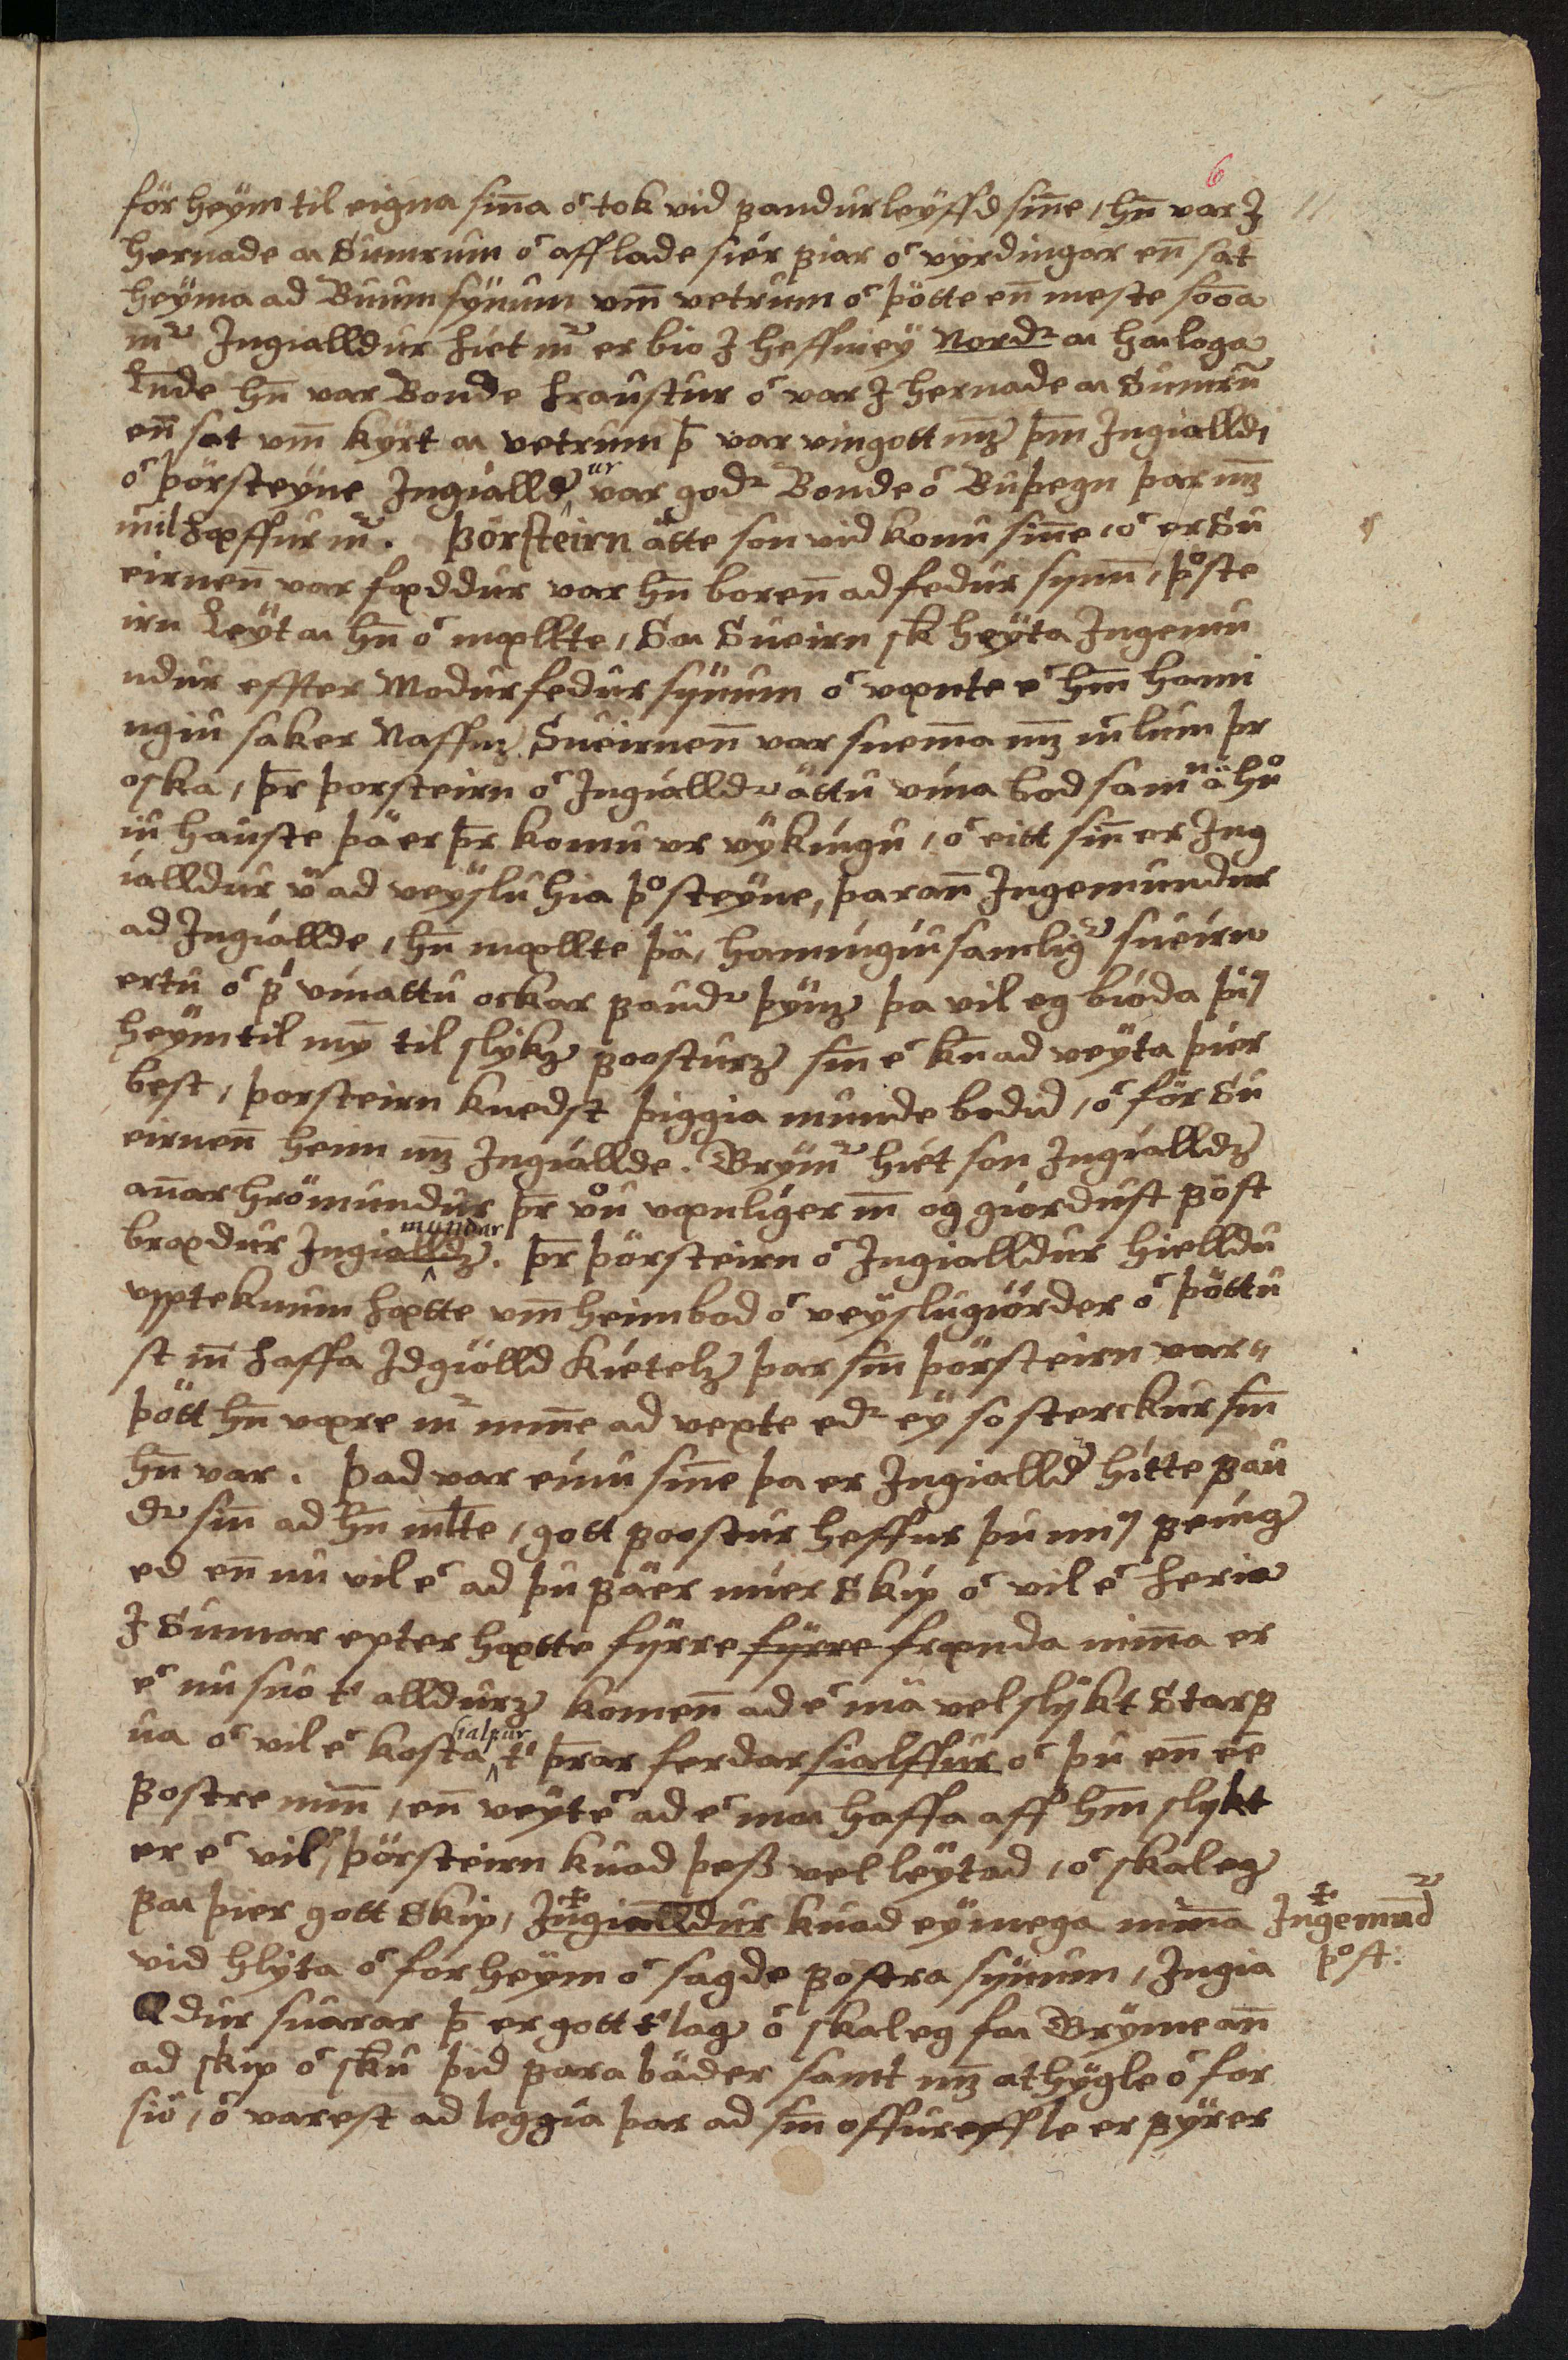 AM 138 fol - 6r